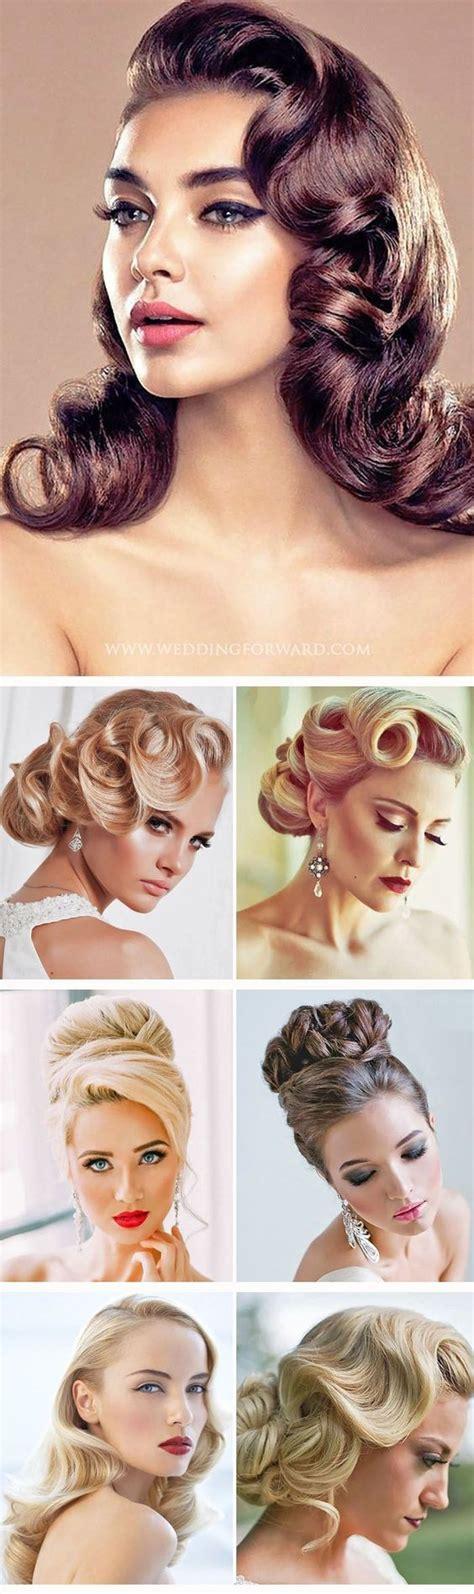 Makeup Dan Hair Do lihat gaya rambut pengantin yang elegan dan everlasting